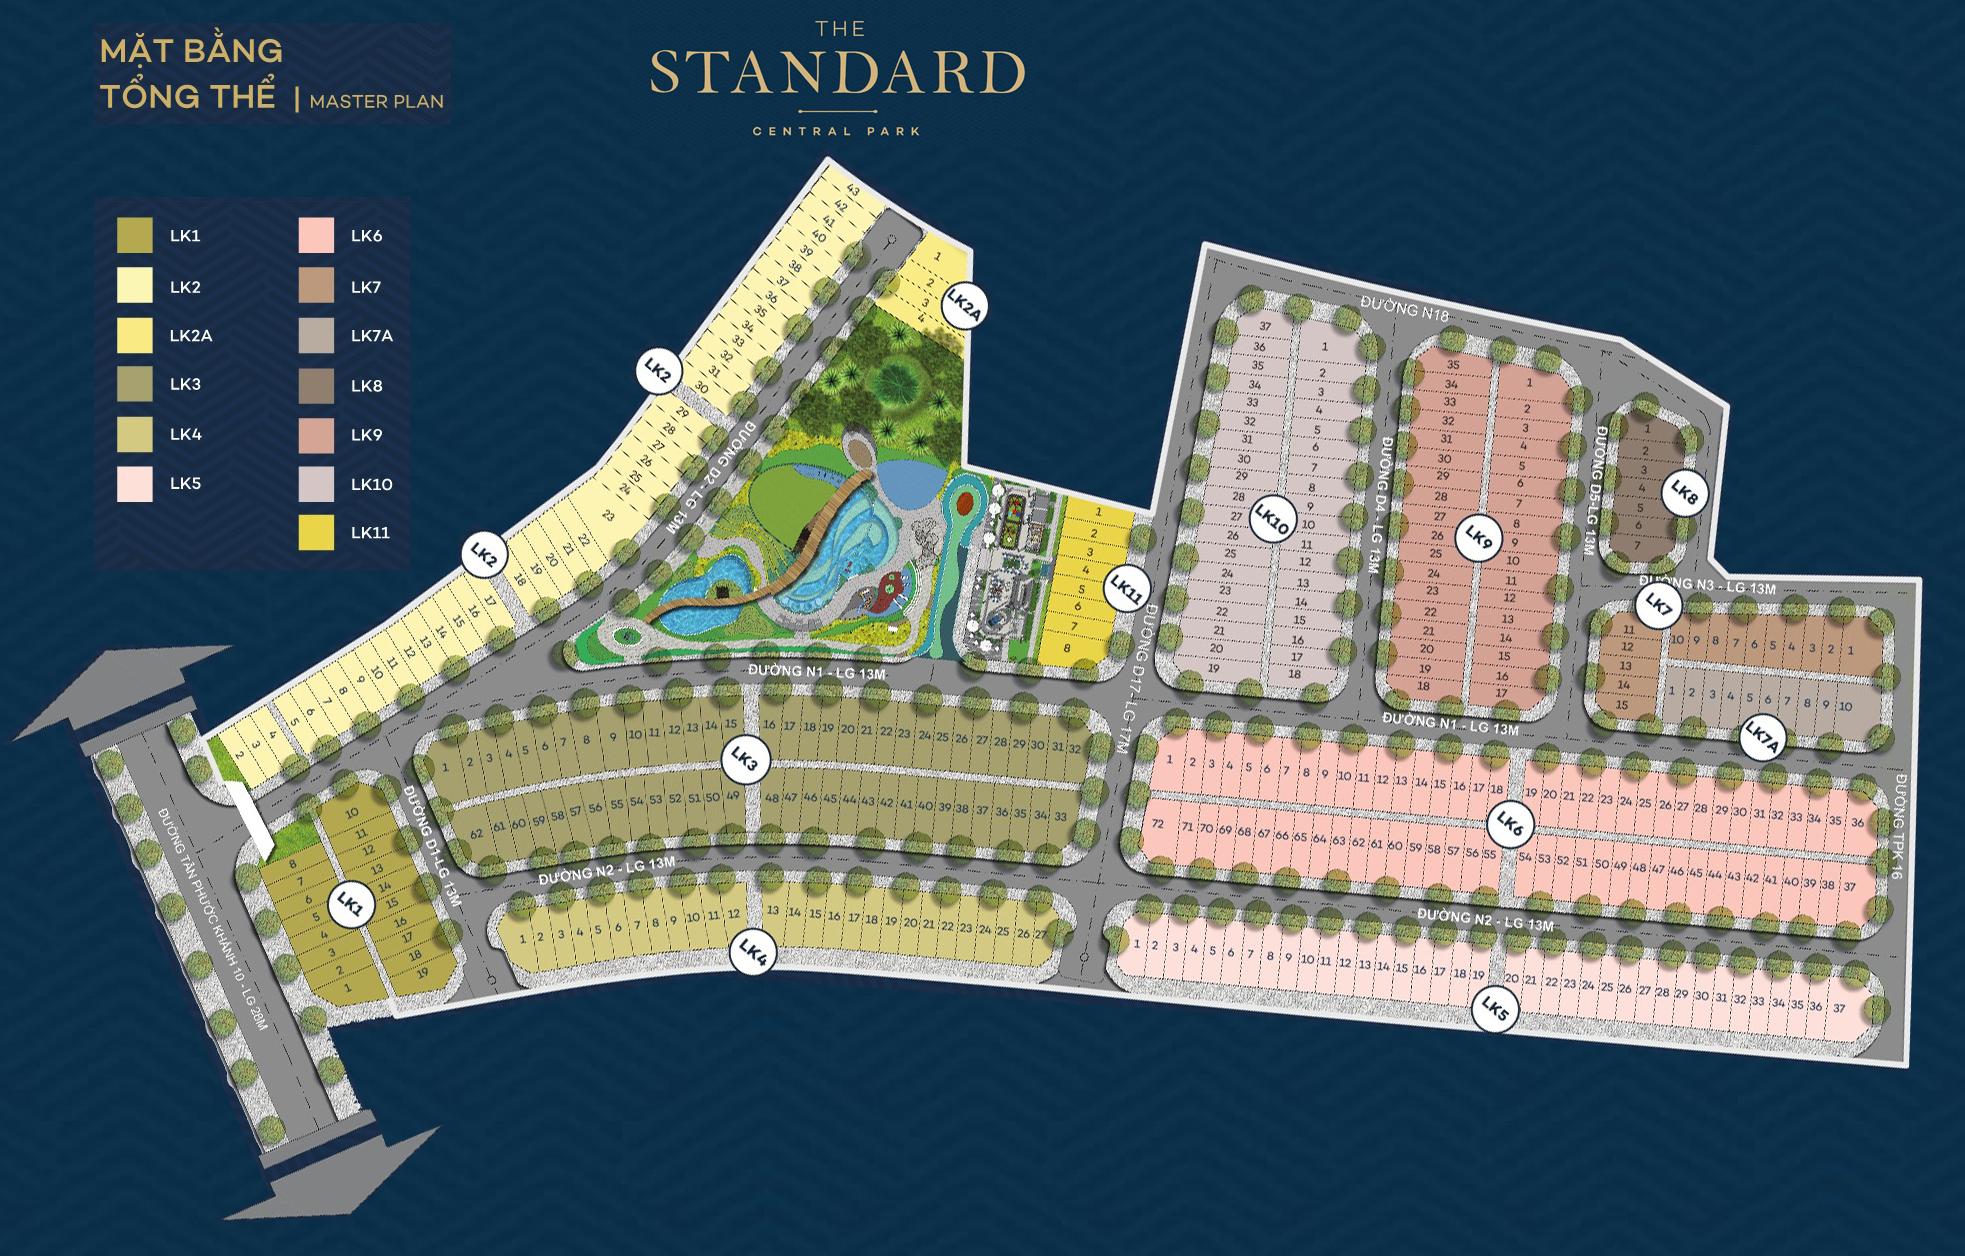 Mặt bằng phân lô dự án nhà phố The Standard Central Park Bình Dương